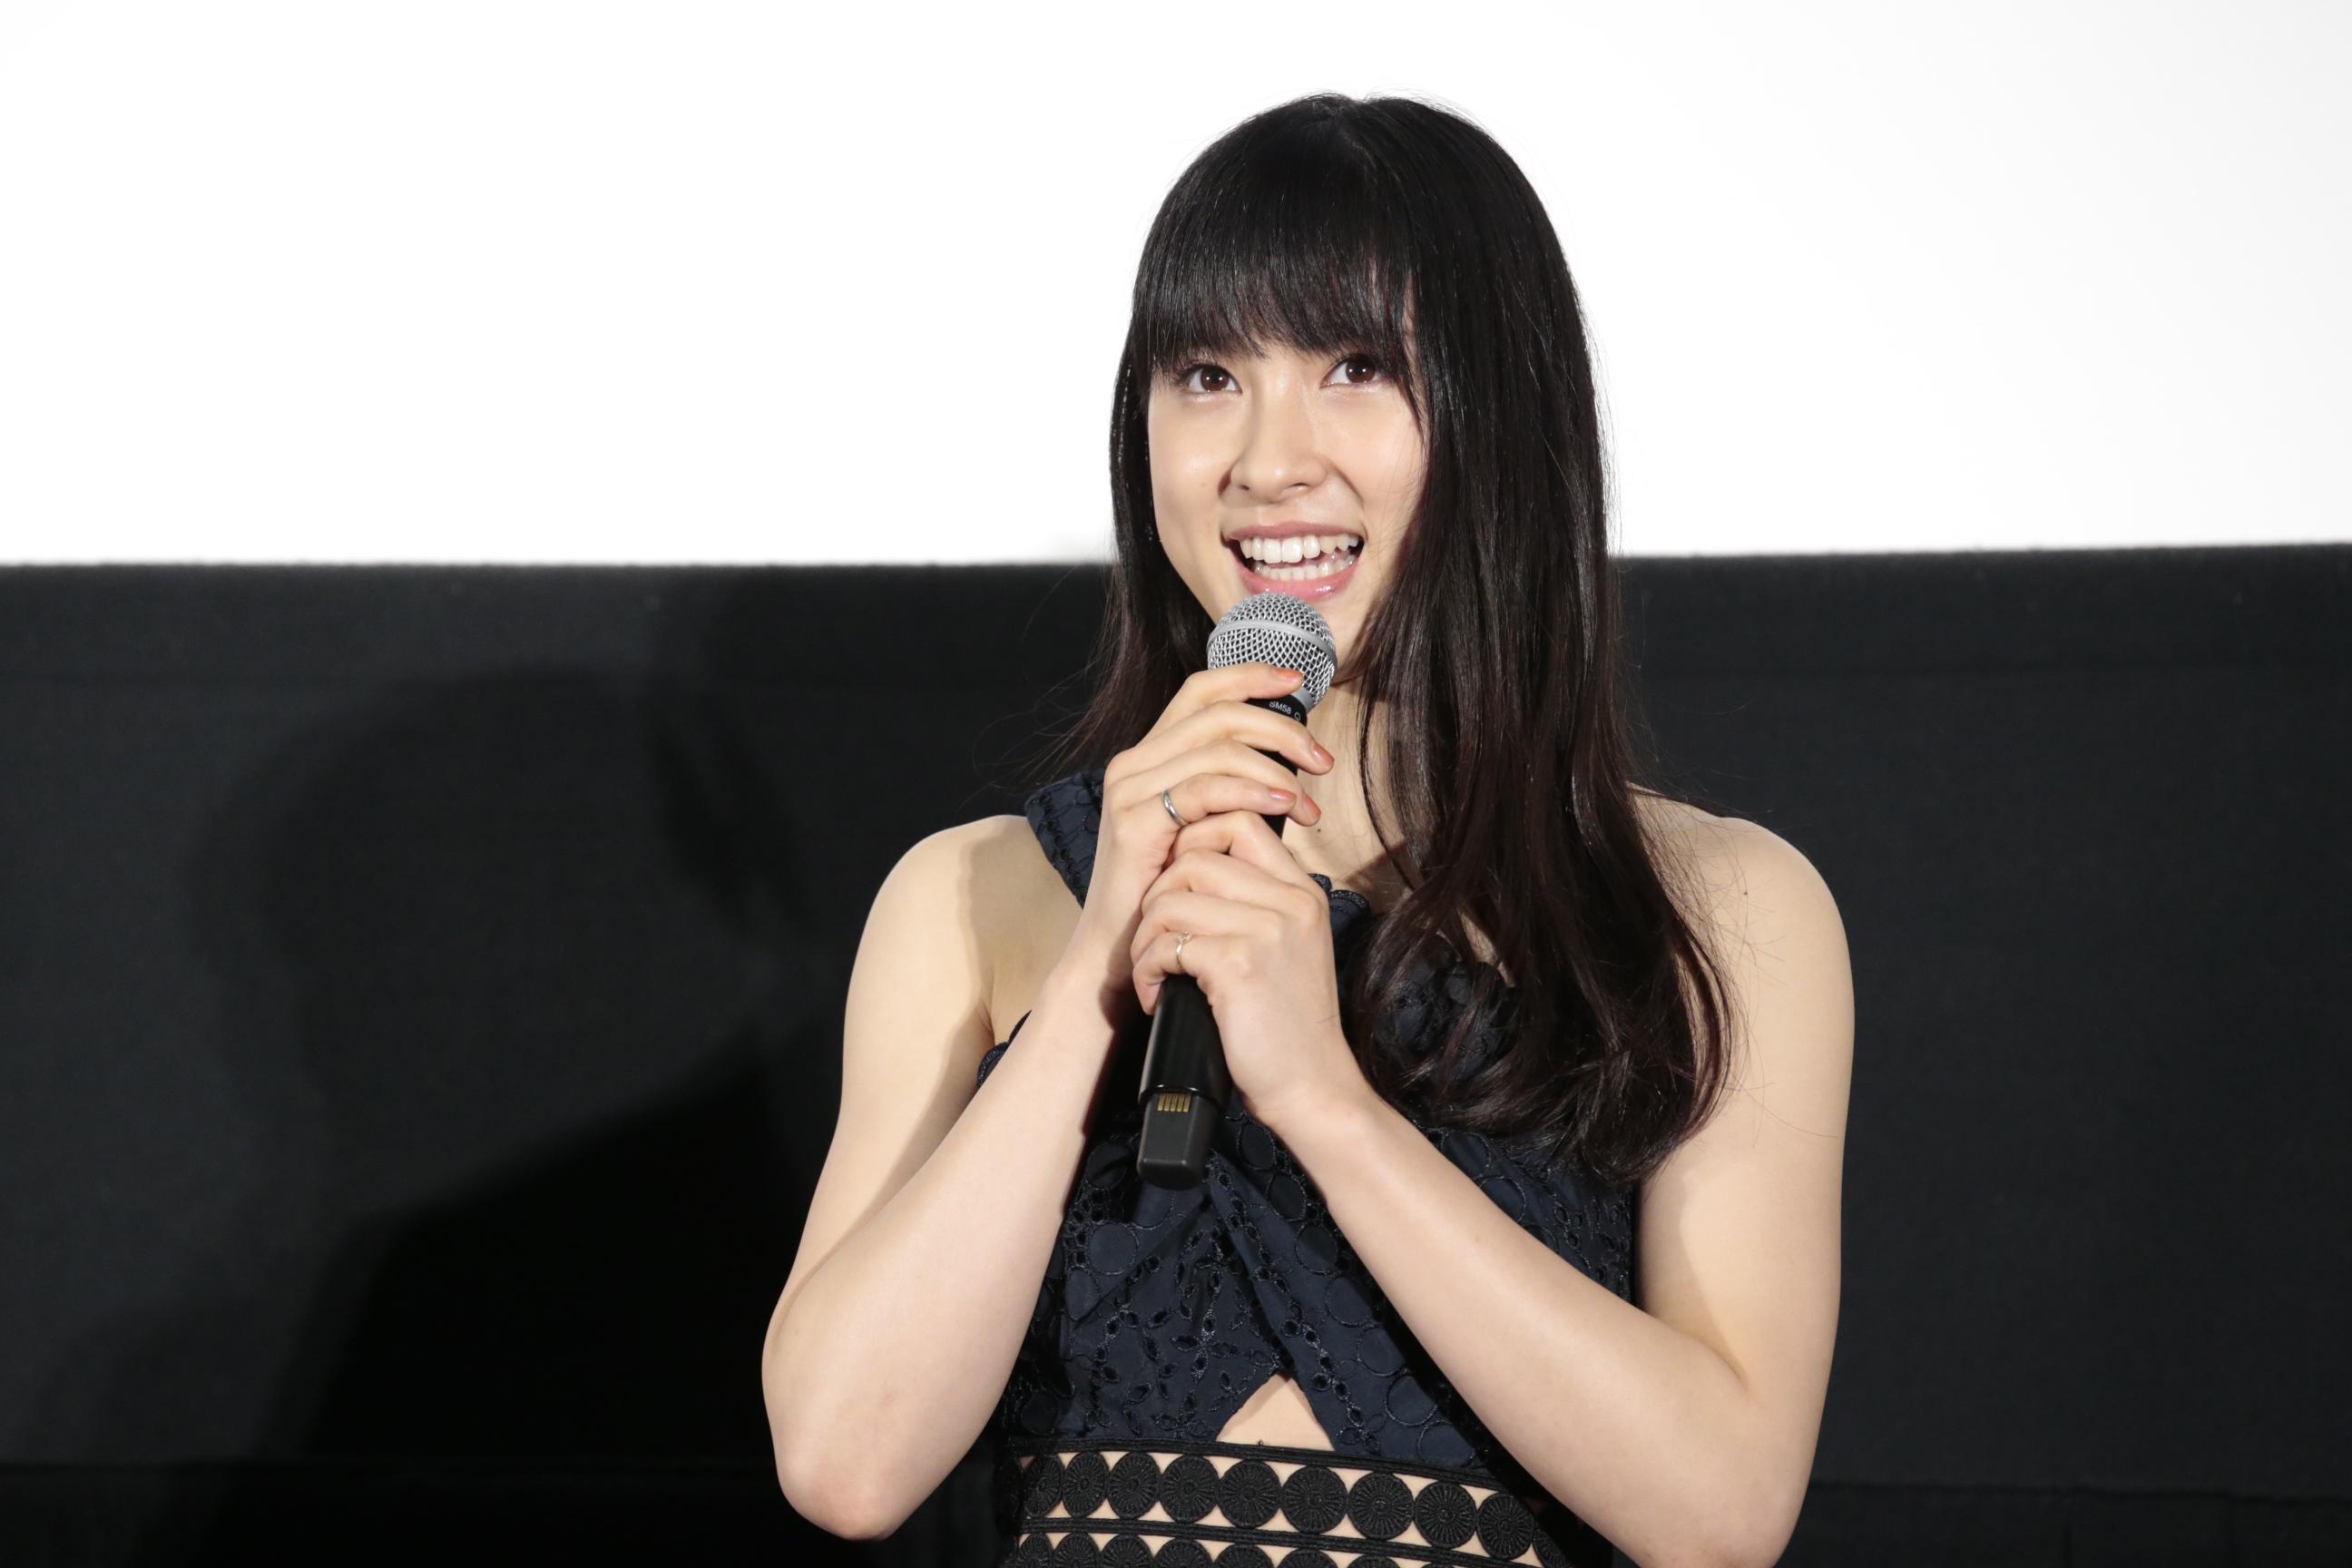 女優の土屋太鳳が3月6日、特注のデニムドレスを身につけての美しすぎる立ち姿を公開。その姿を見たネット上のファンからは、彼女の美貌とスタイルの良さを称賛する